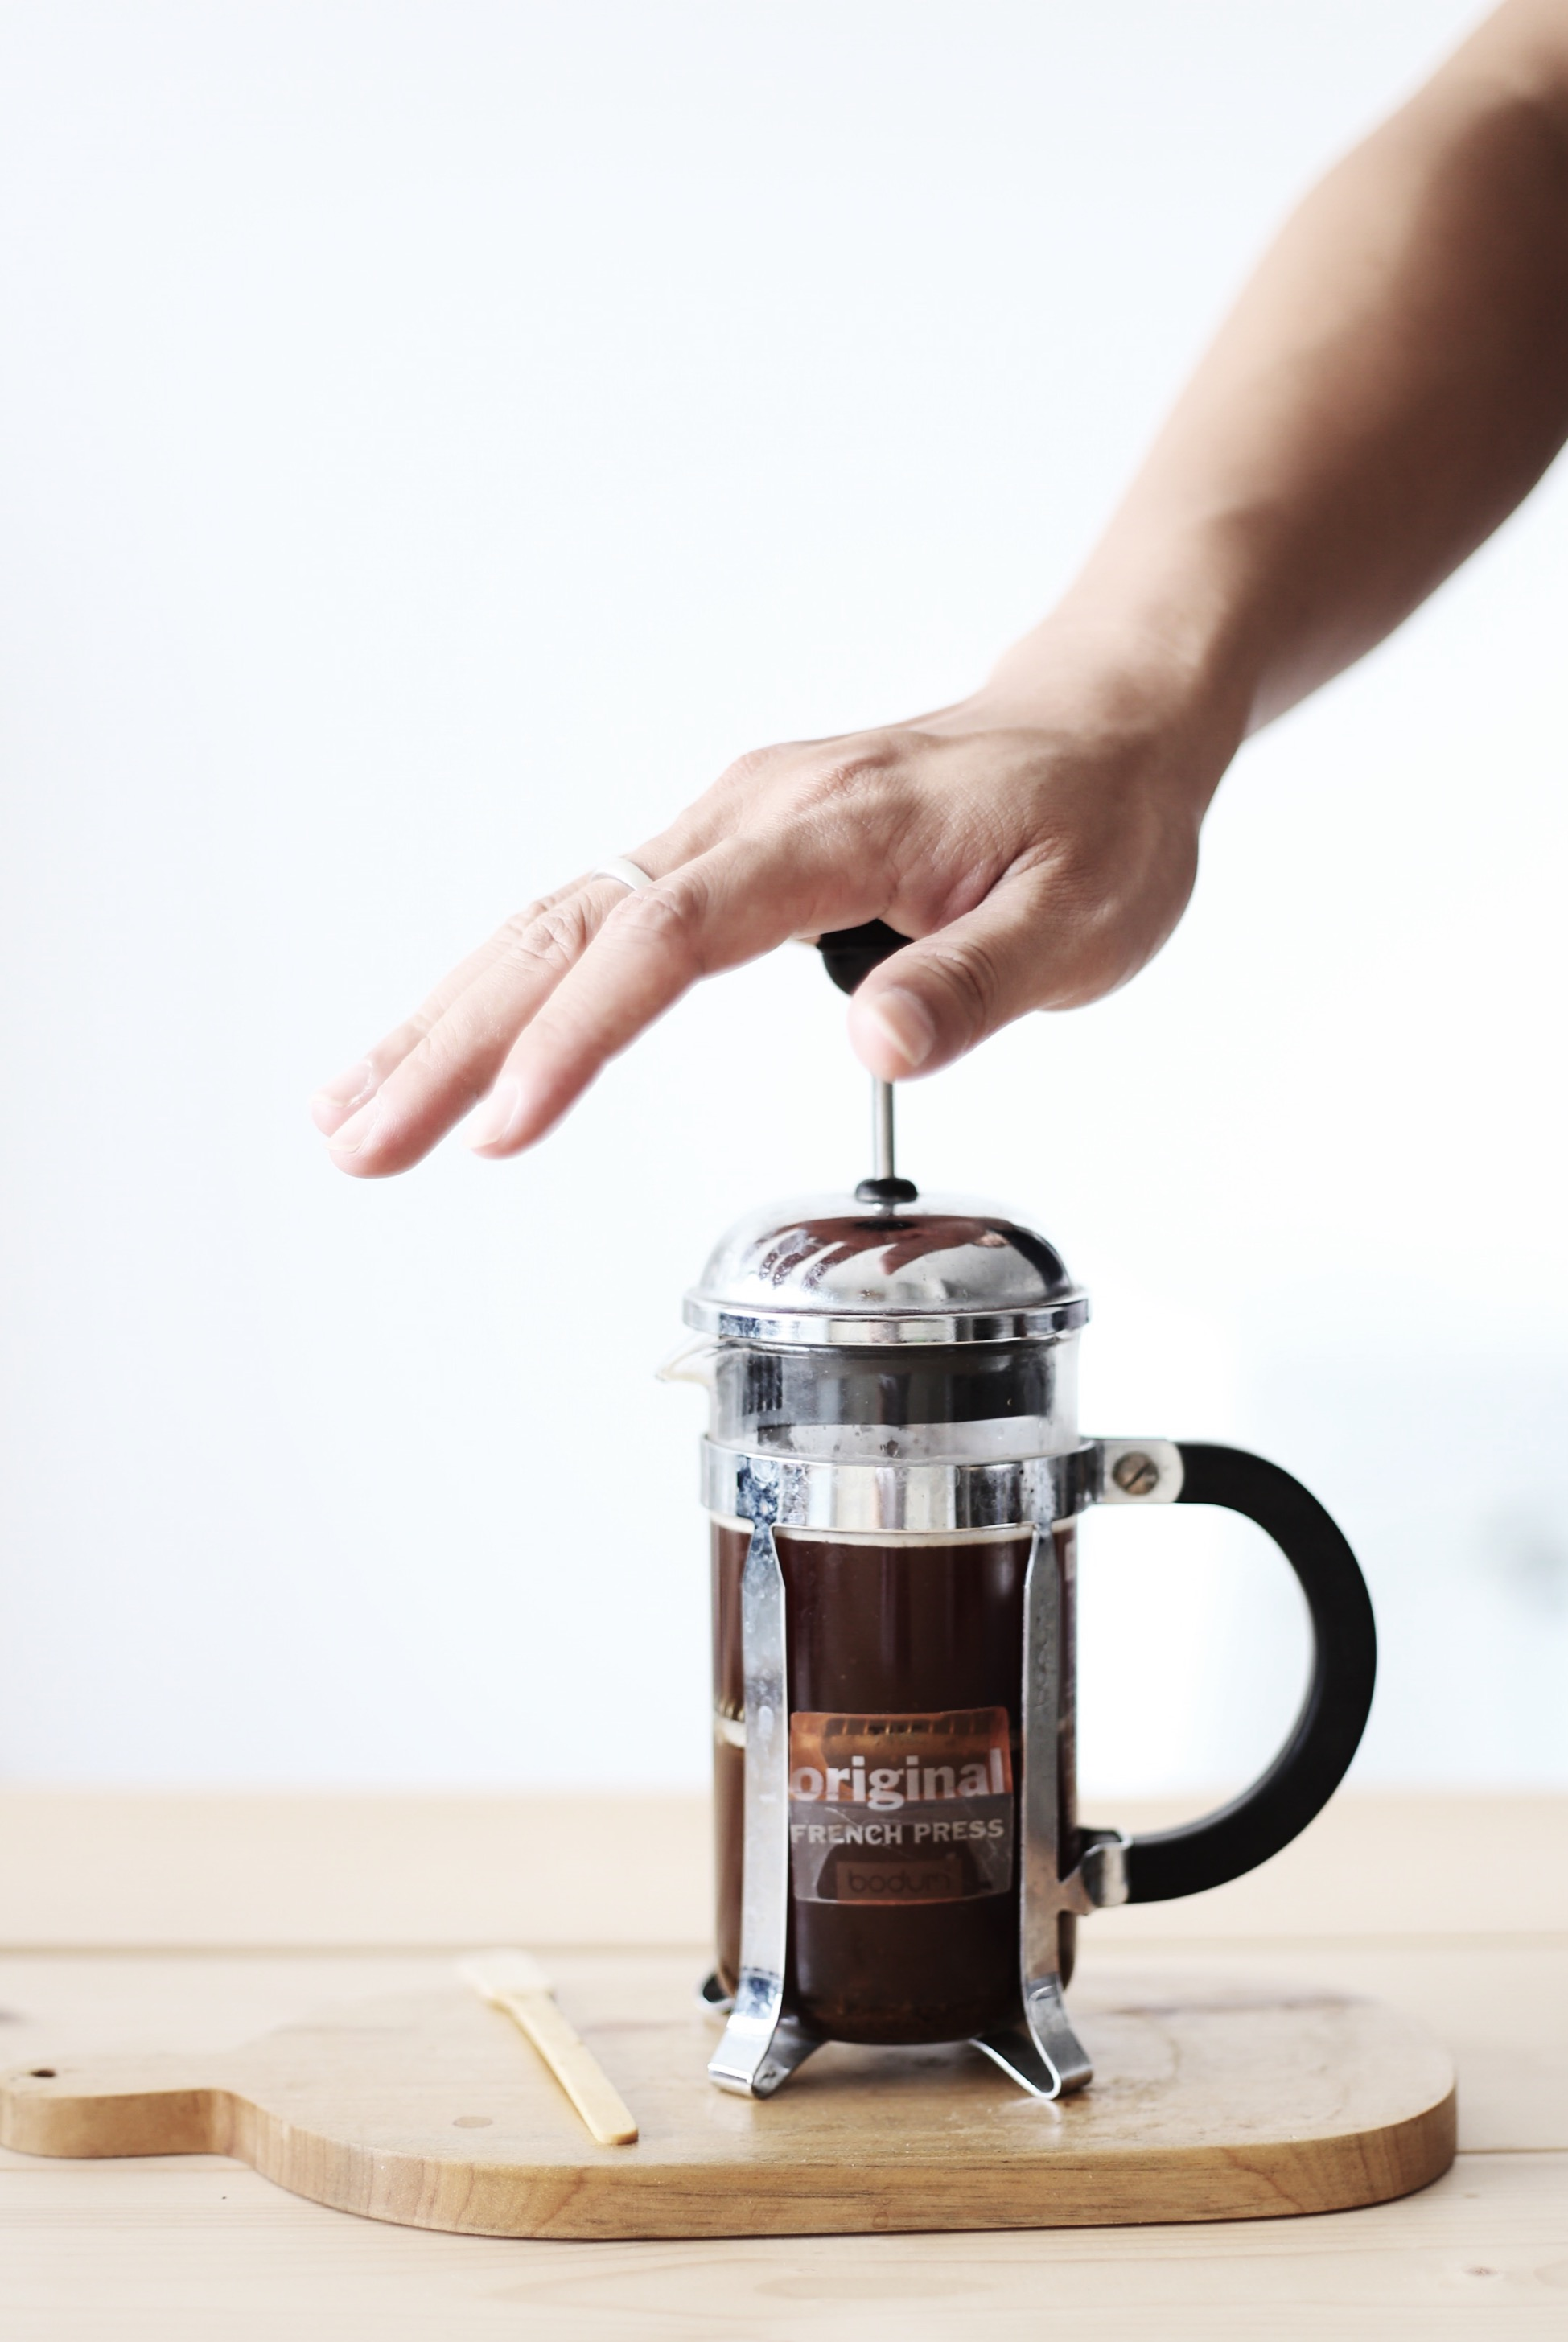 CÙNG TRẢI NGHIỆM CAFE THEO CÁCH PHA VỚI BÌNH FRENCH PRESS KIỂU PHÁP